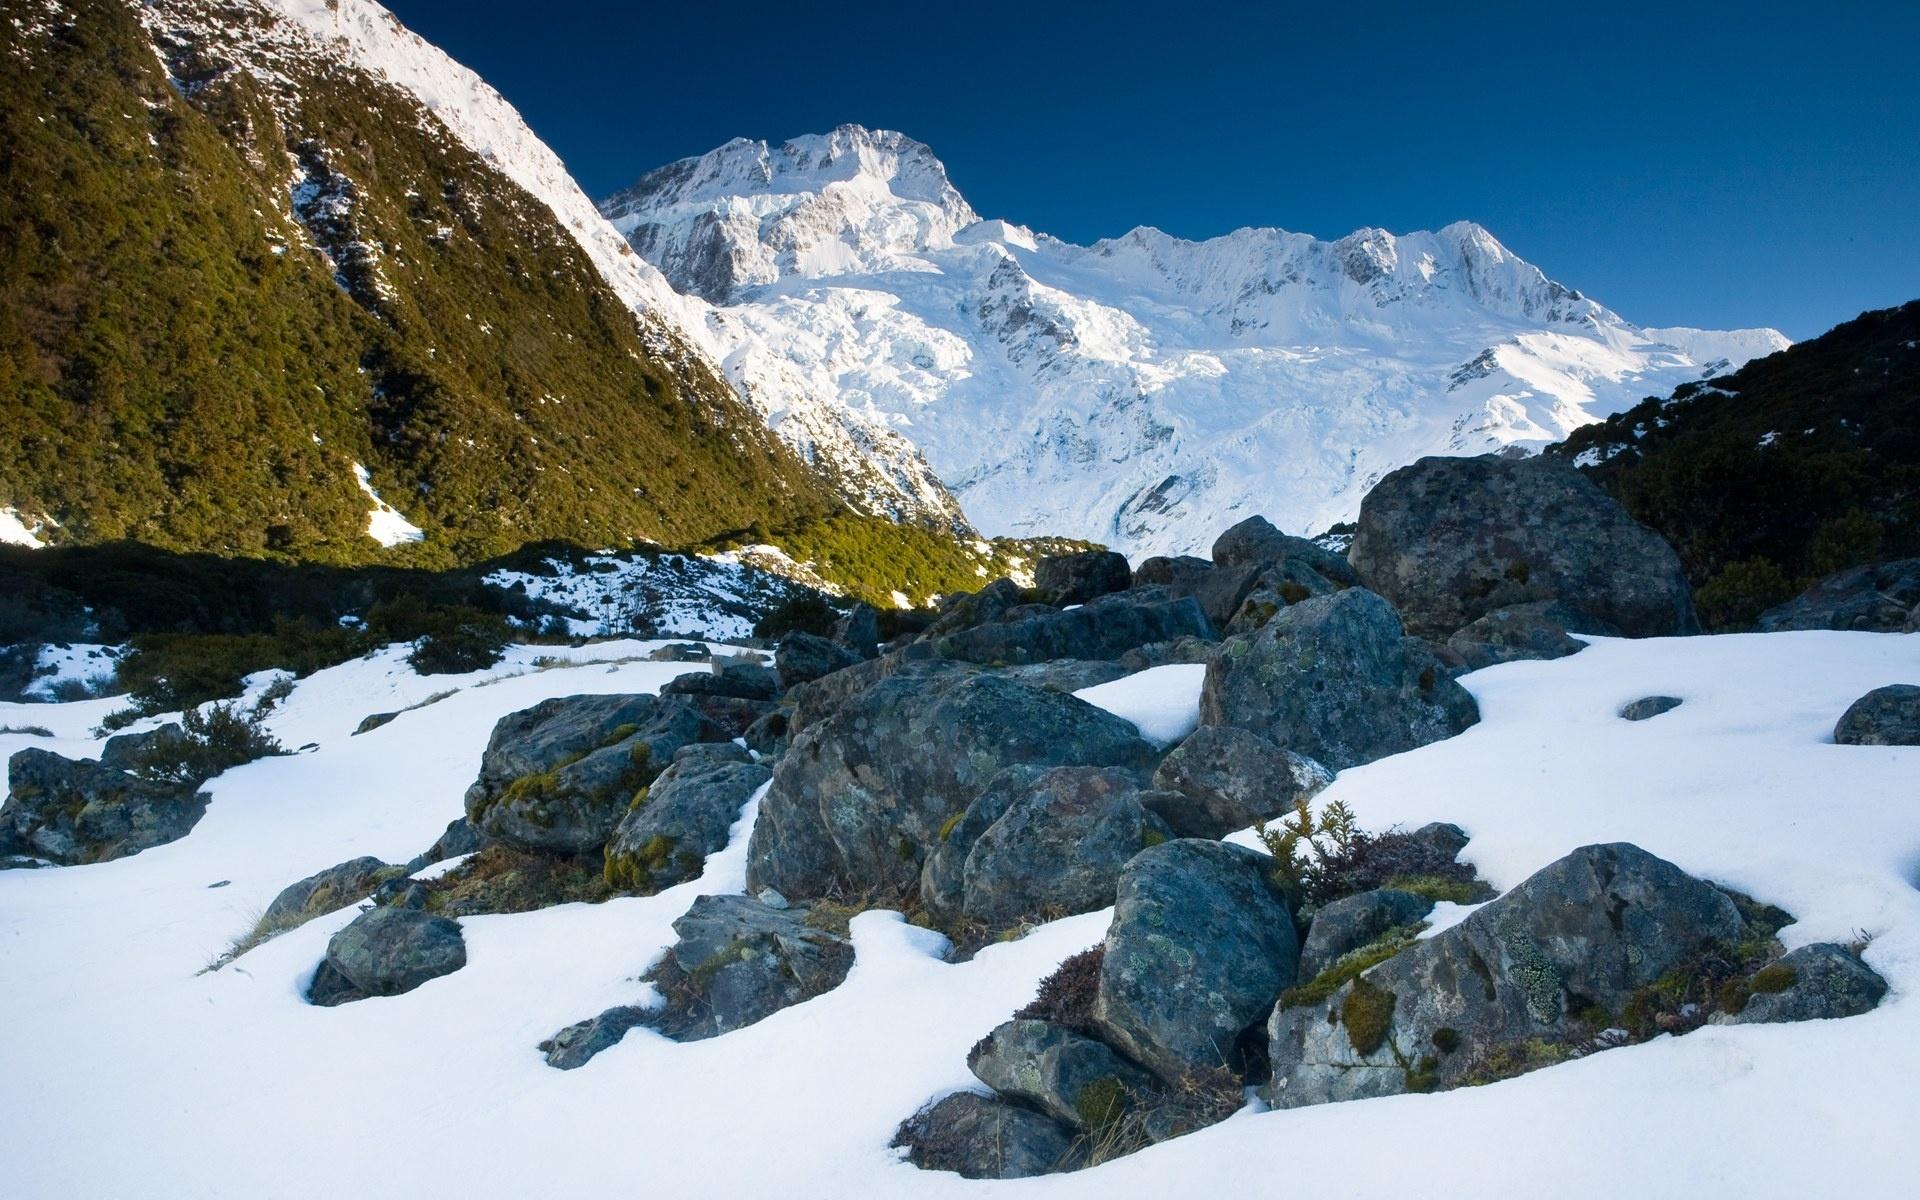 Картинки Камни, снег, горы, талые пятна, весна, свет фото и обои на рабочий стол